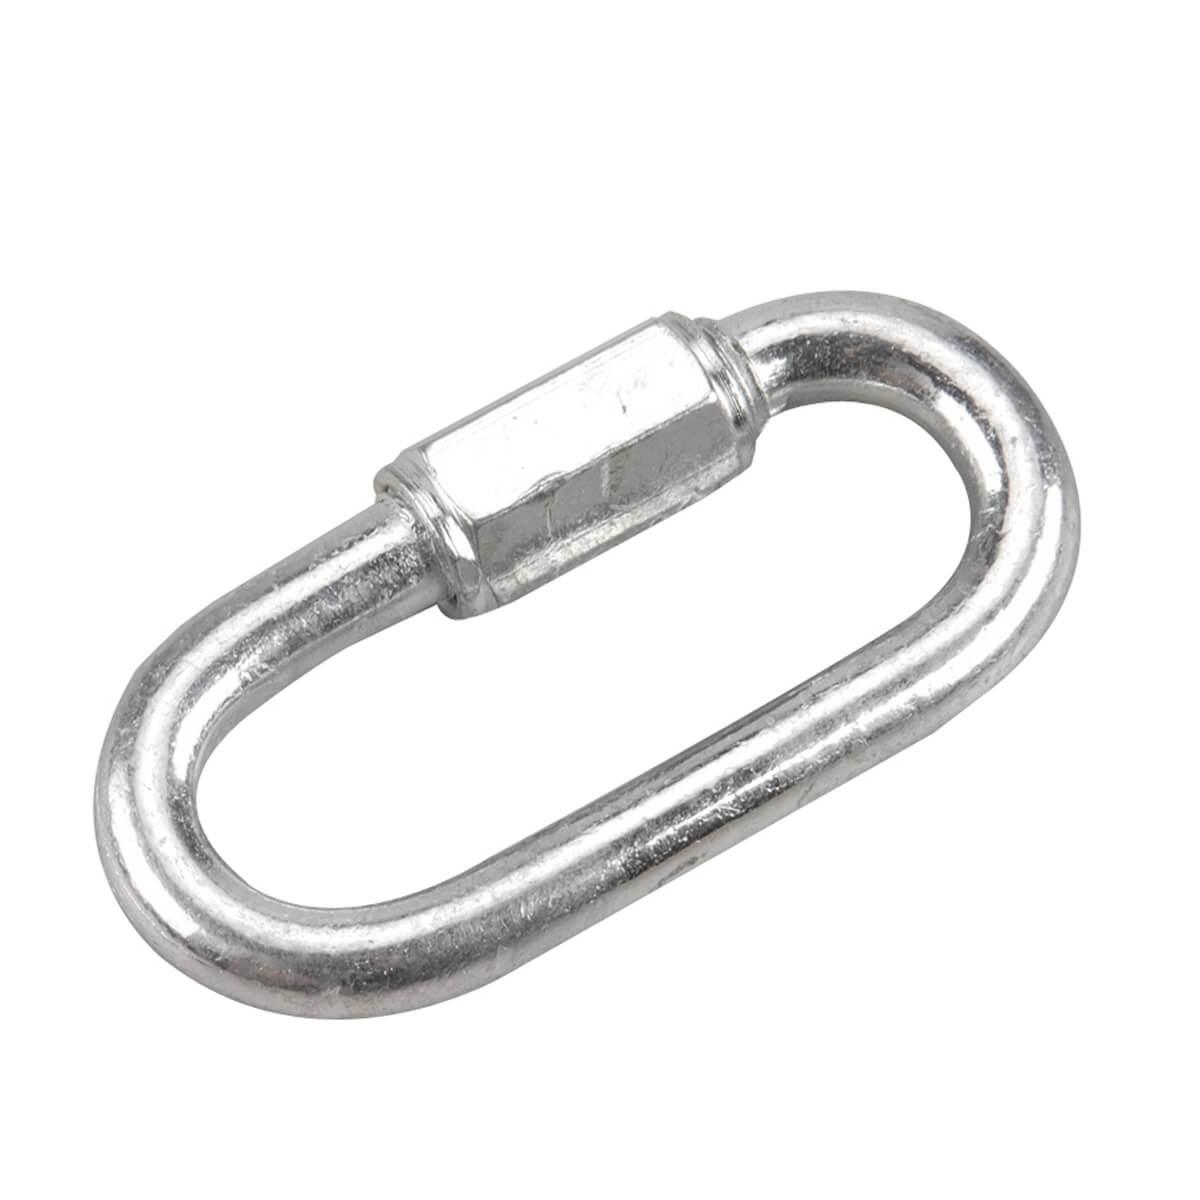 Quick Link - Zinc - 5/16-in